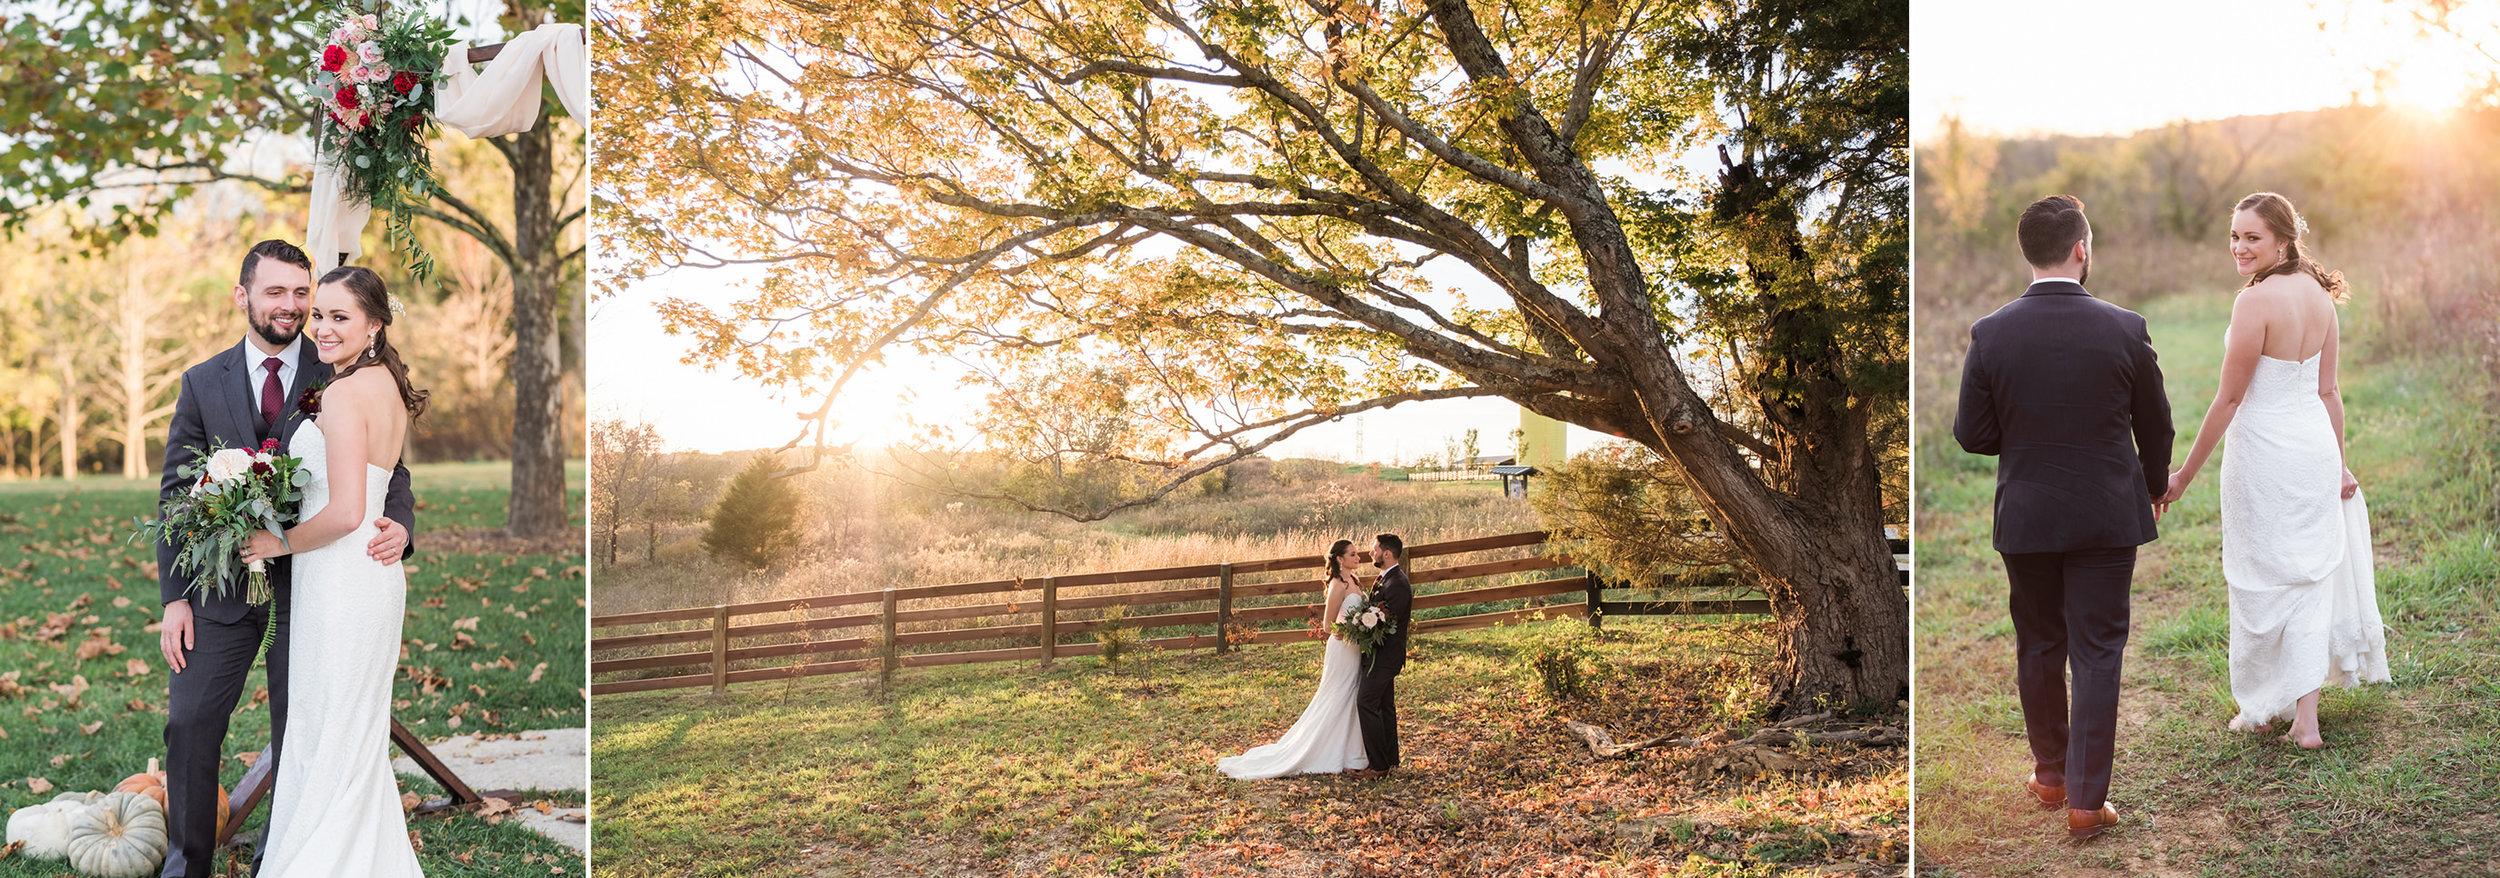 Jordan&Zack_Wedding_BlogComposit_0006.jpg